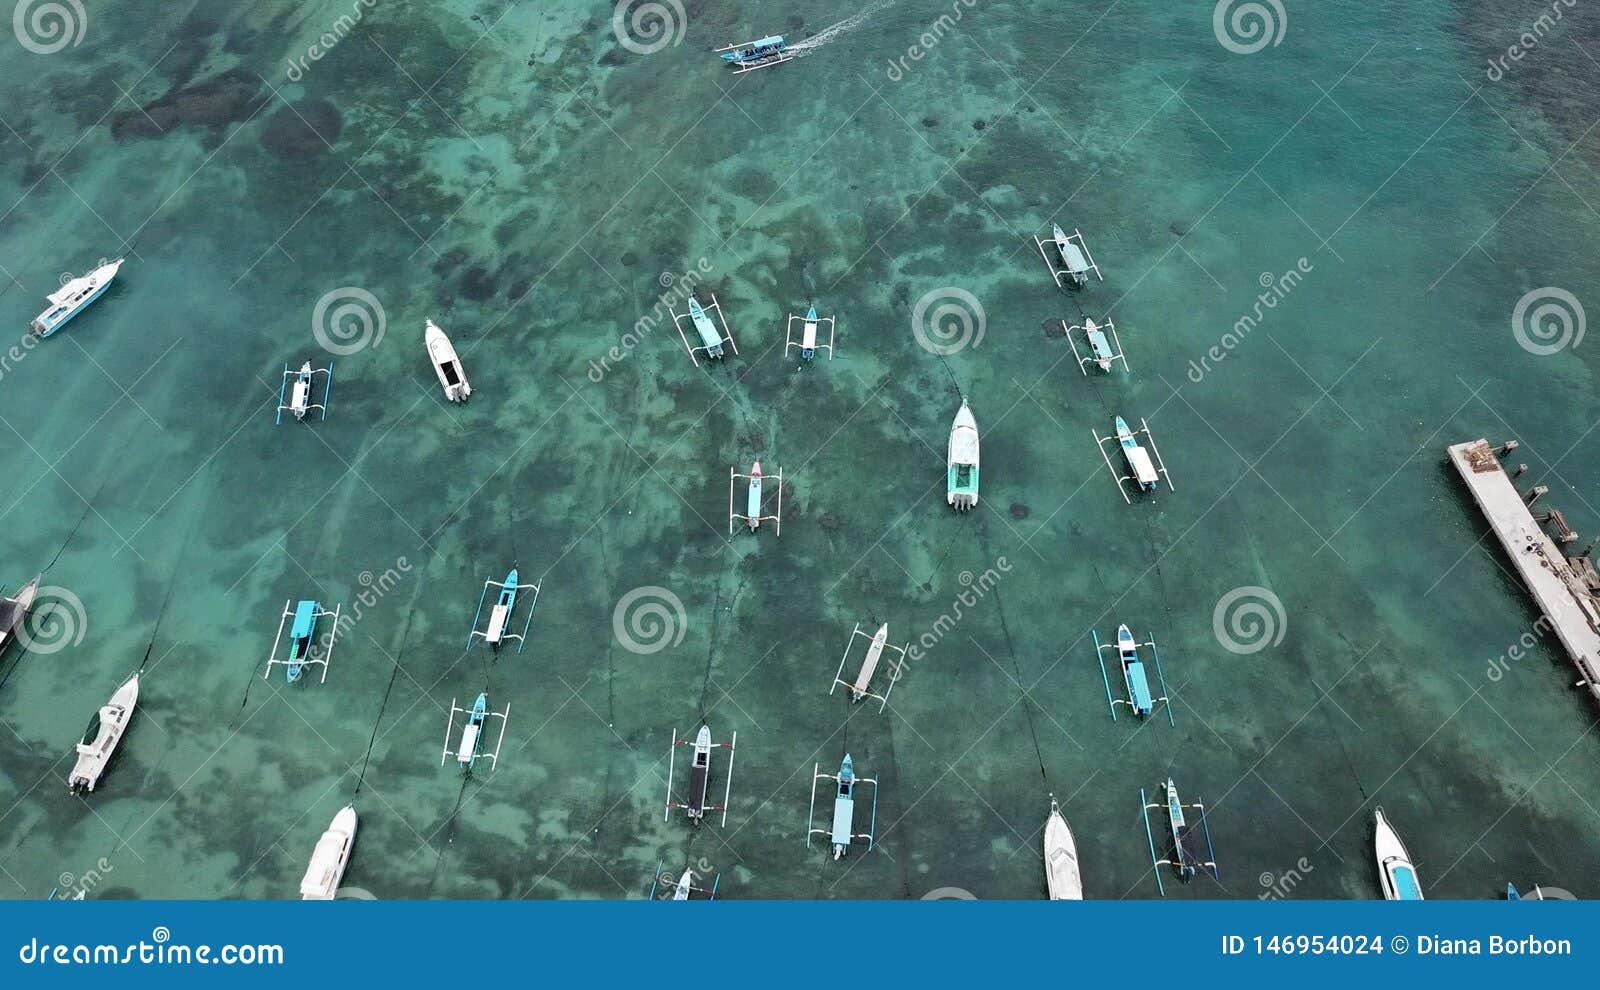 Balinese traditionnel Fisher Boats à la plage de Sanur, Bali, Indonésie La vue du bourdon - image